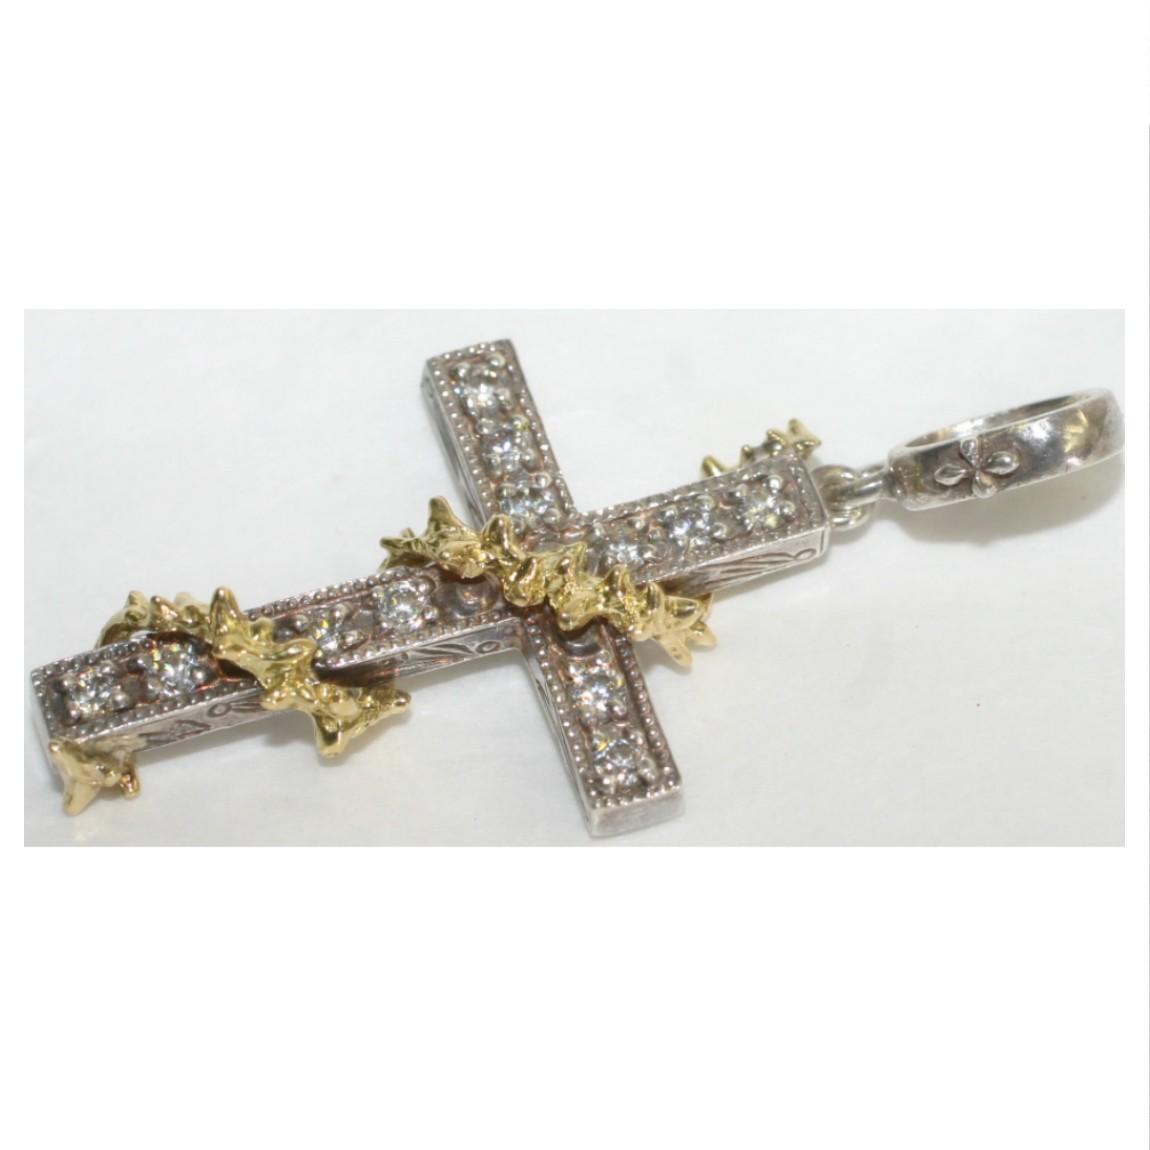 【中古】本物美品十字架(クロス)をモチーフにしたSV925シルバー素材にK10を鶴のような巻いたデザインでペンダントトップ